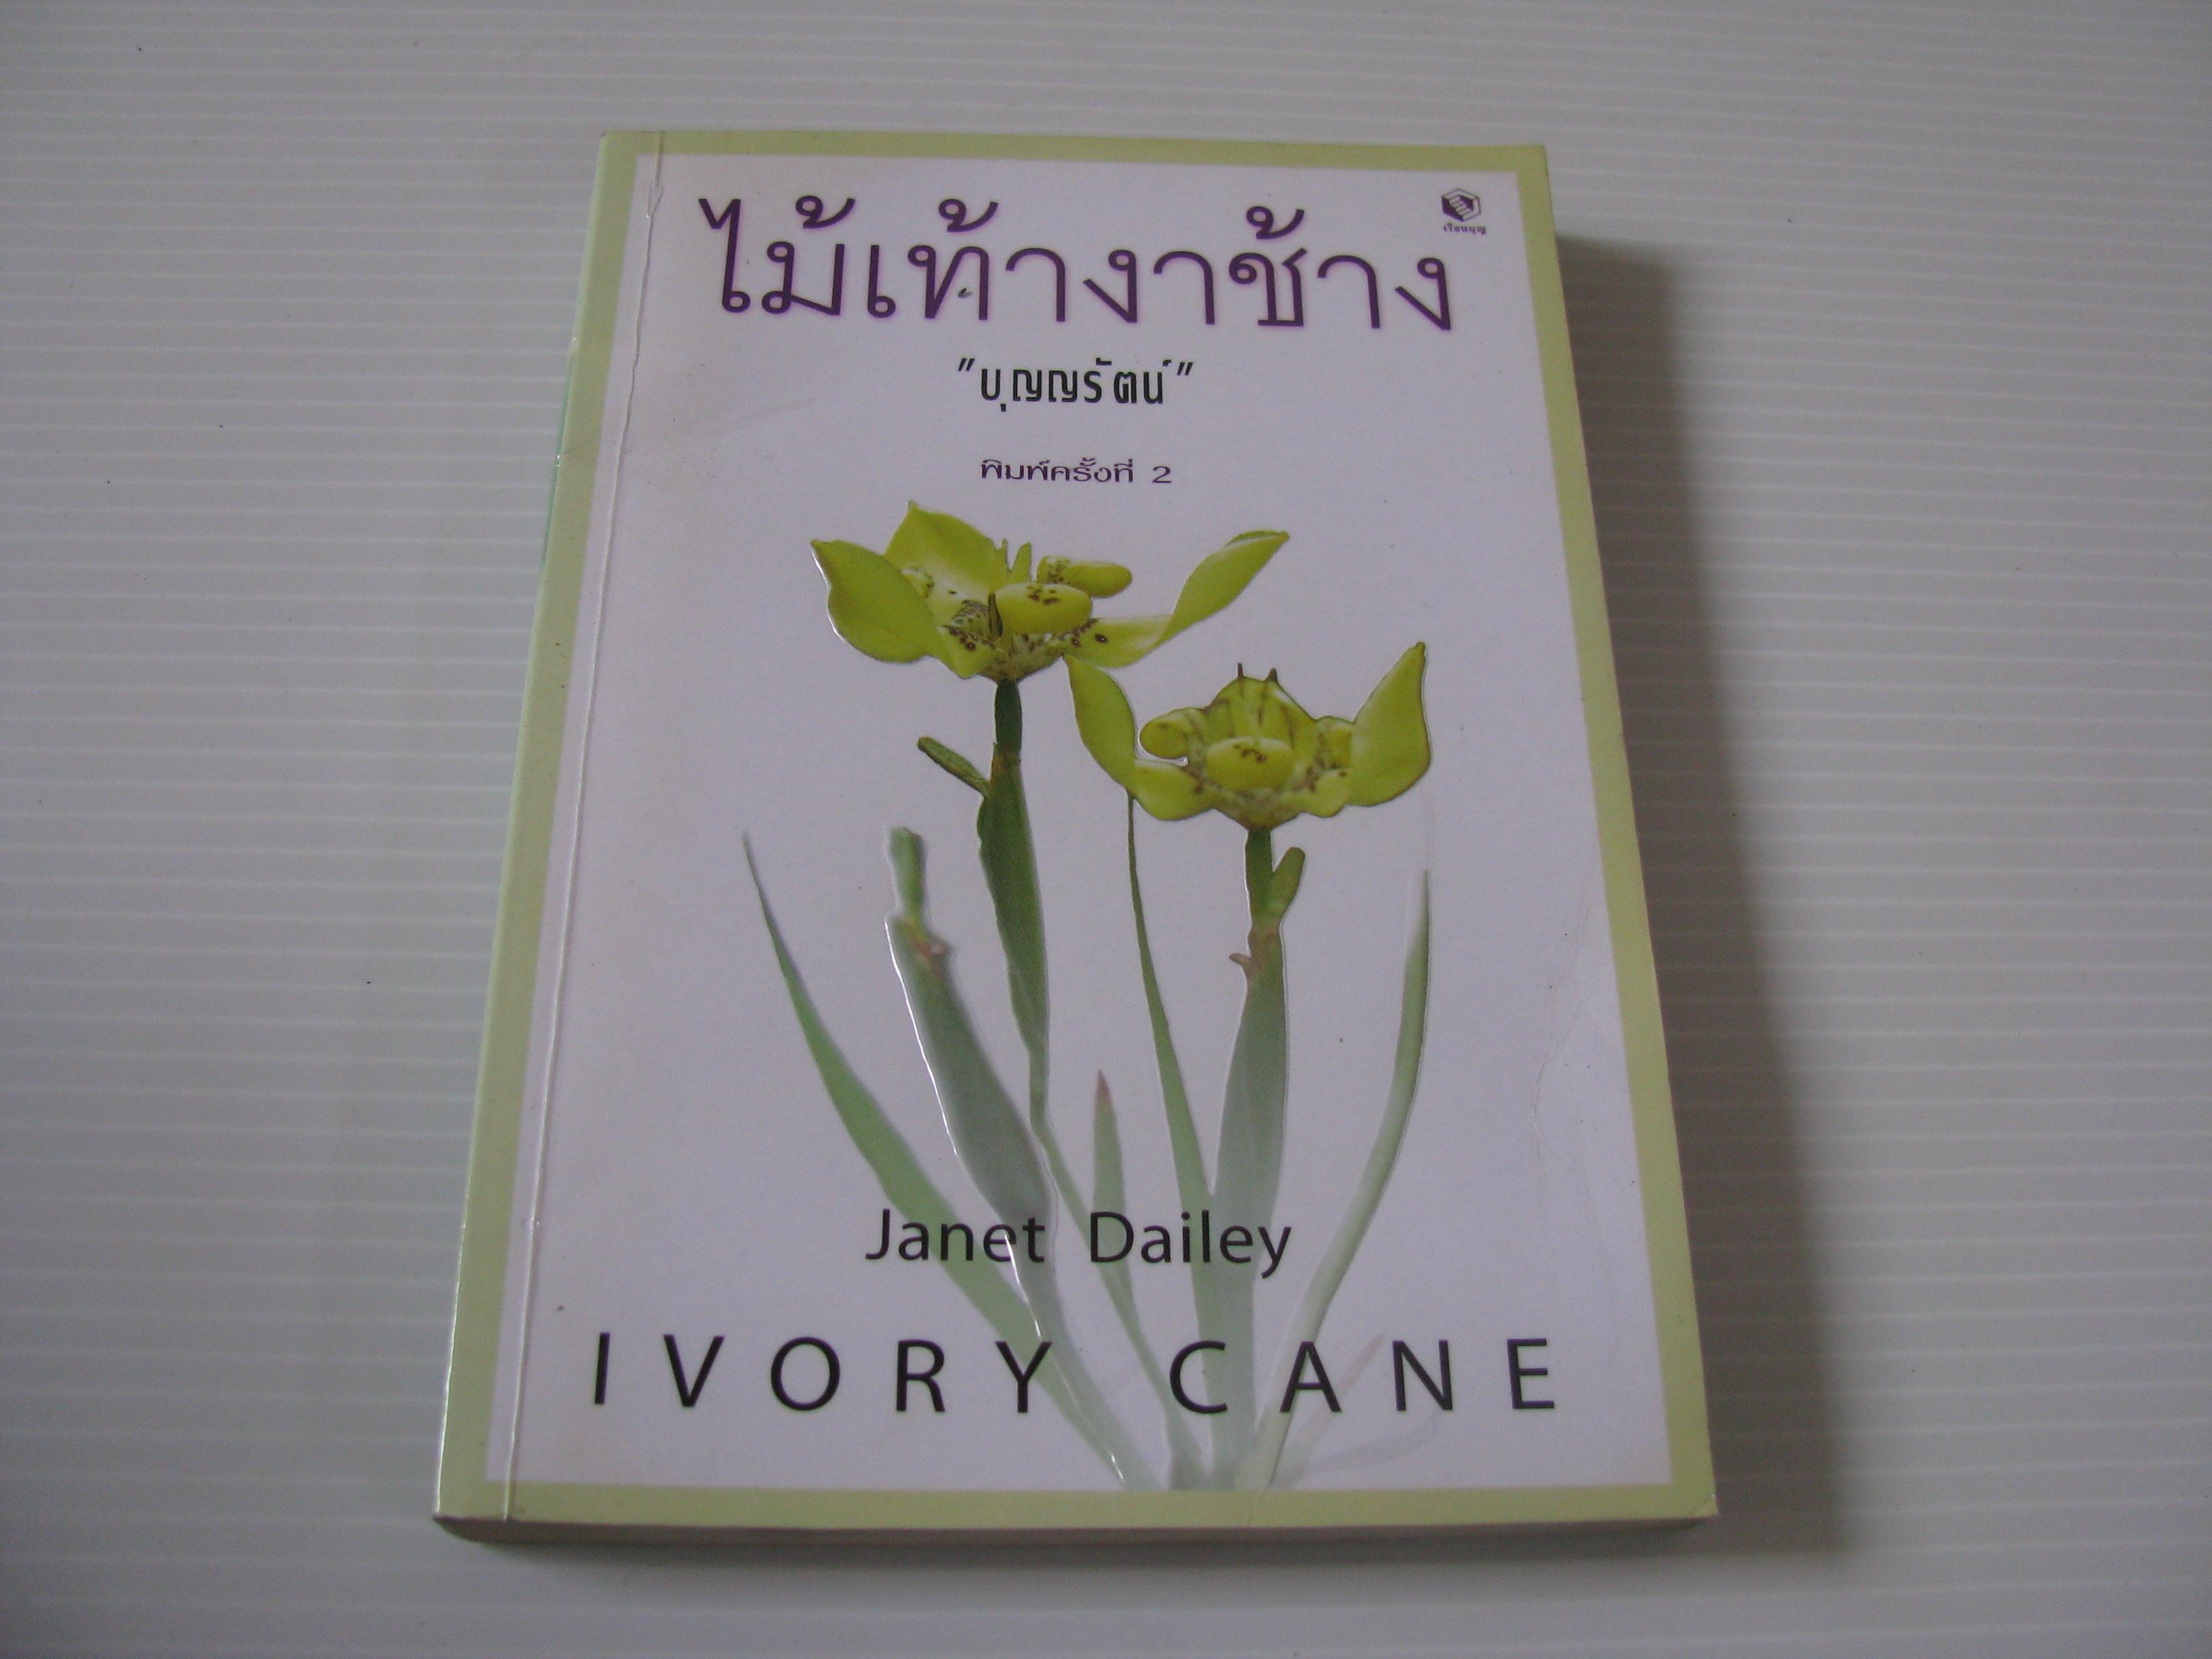 ไม้เท้างาช้าง (Ivory Cane) พิมพ์ครั้งที่ 2 Janet Dailey เขียน บุญญรัตน์ แปล